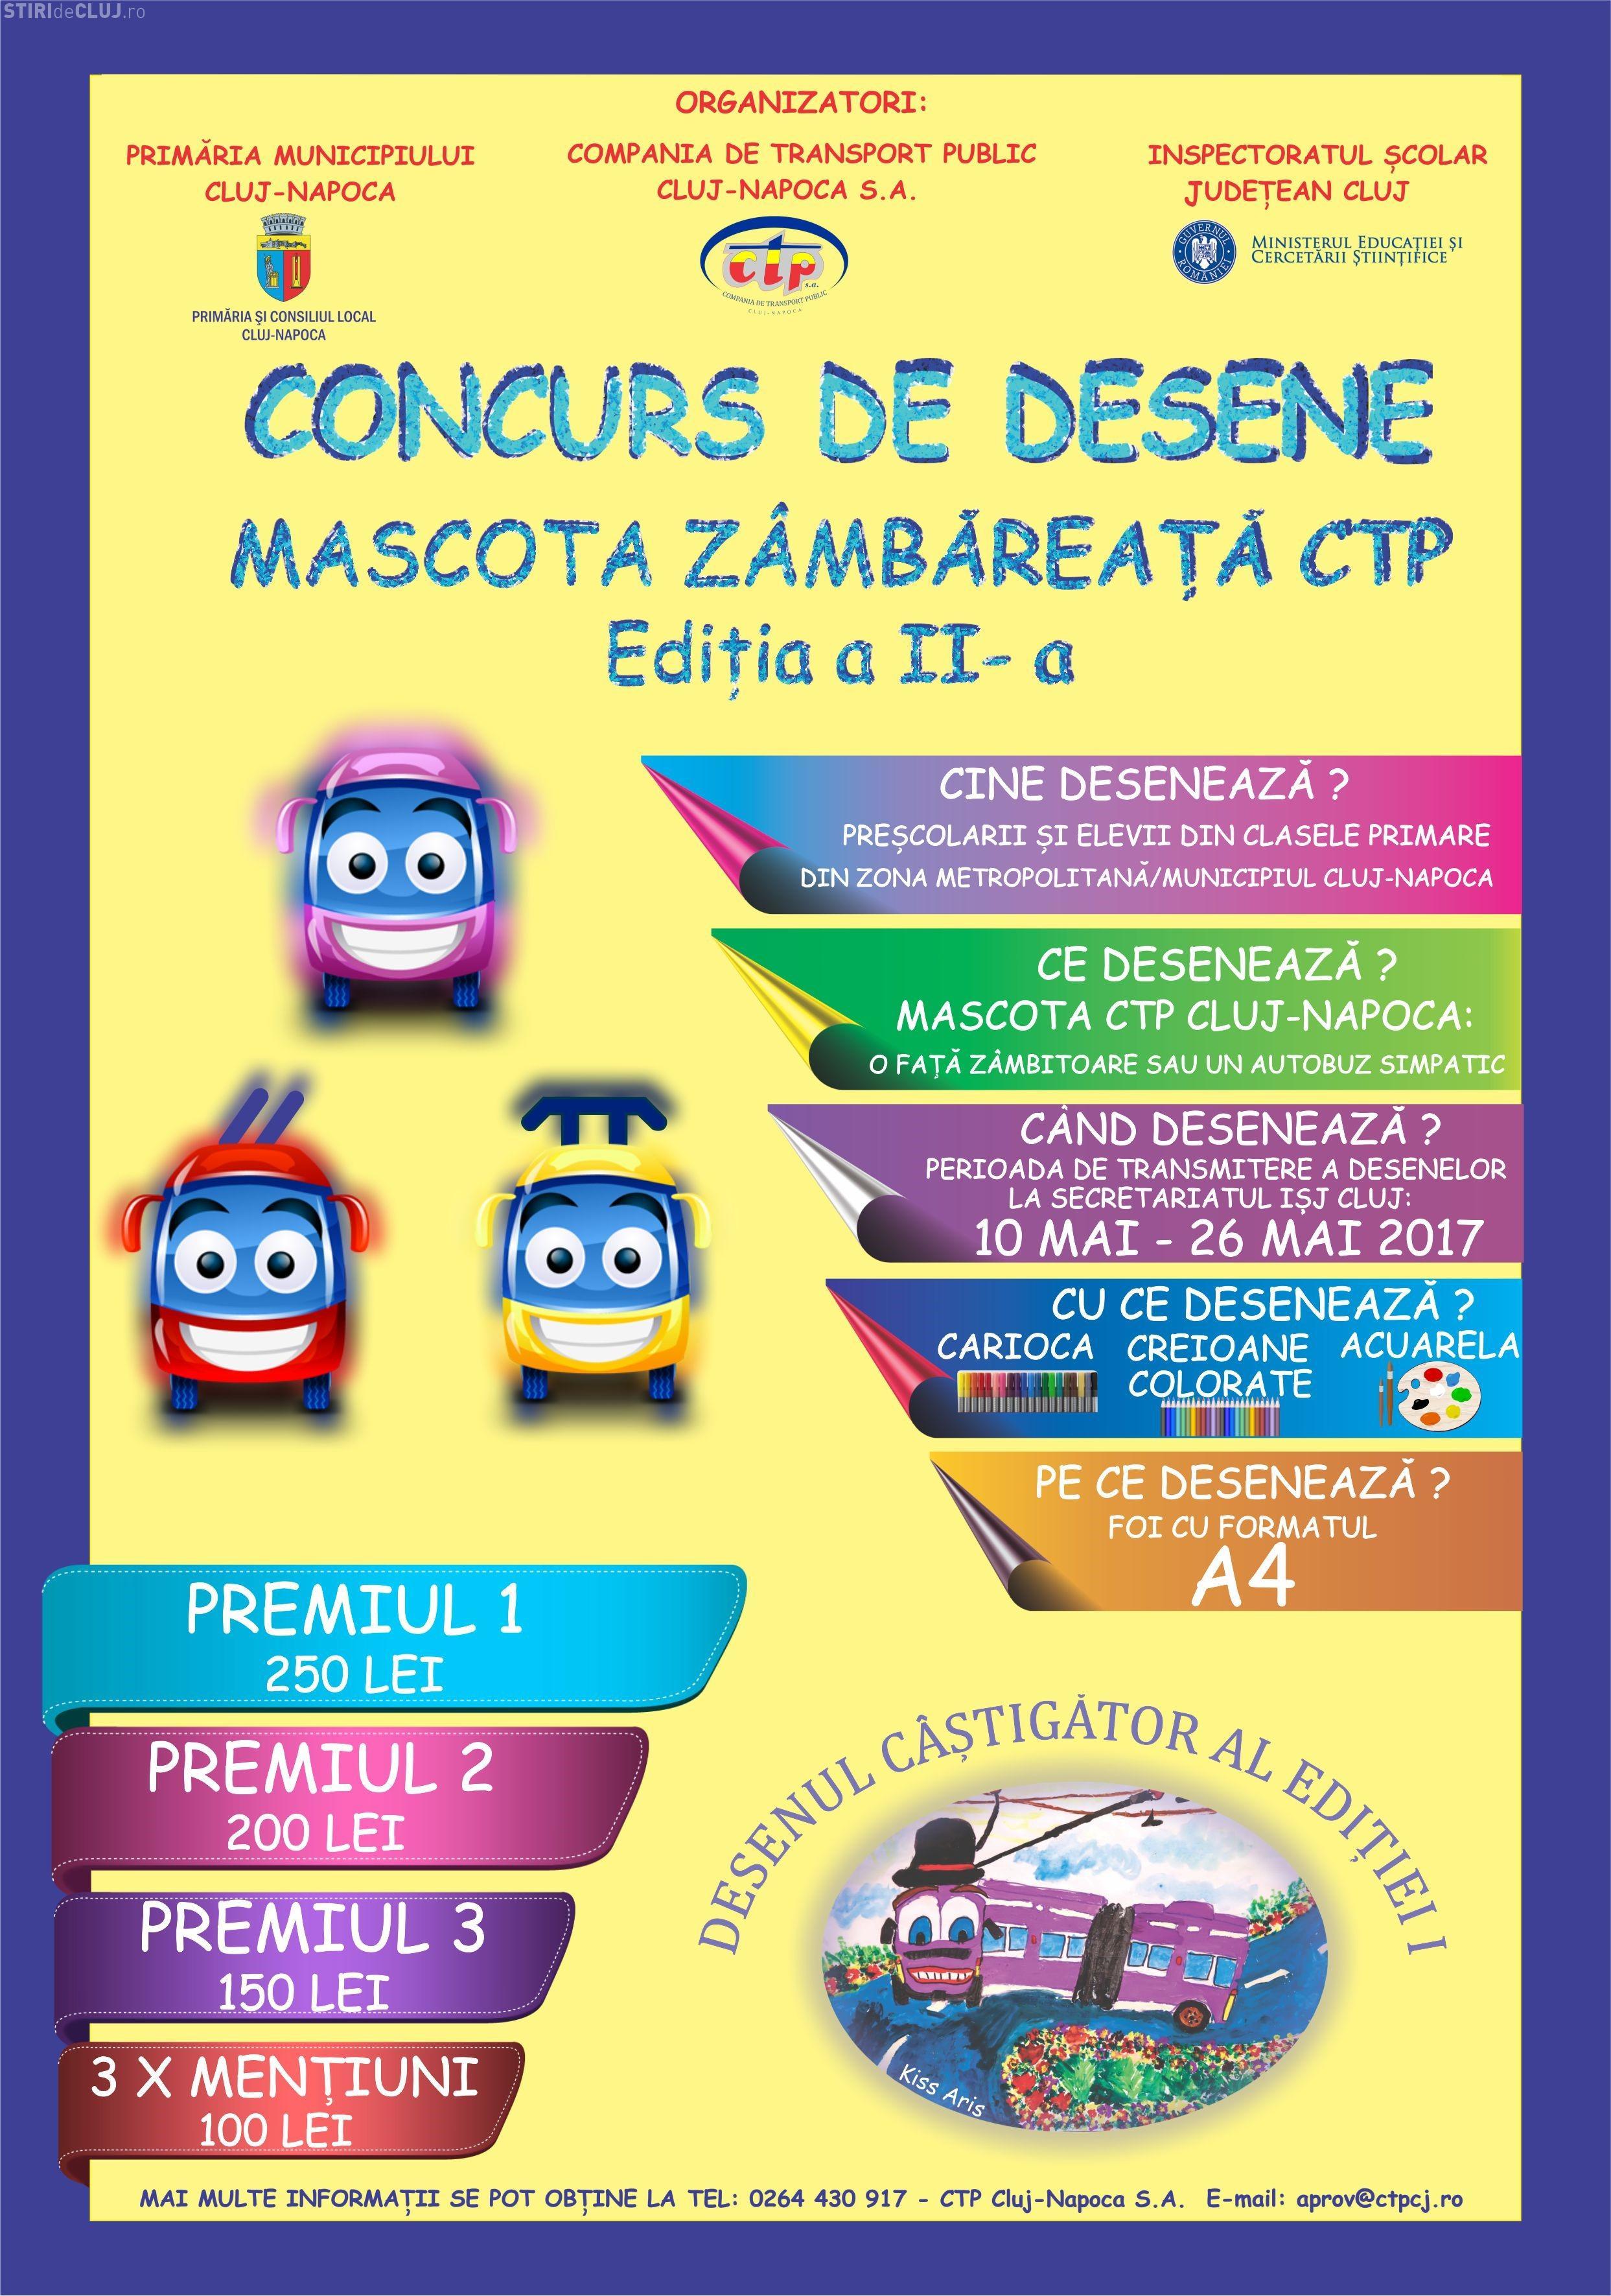 Concurs pentru noua mascotă a CTP Cluj. Vezi cine se poate înscrie și care sunt premiile